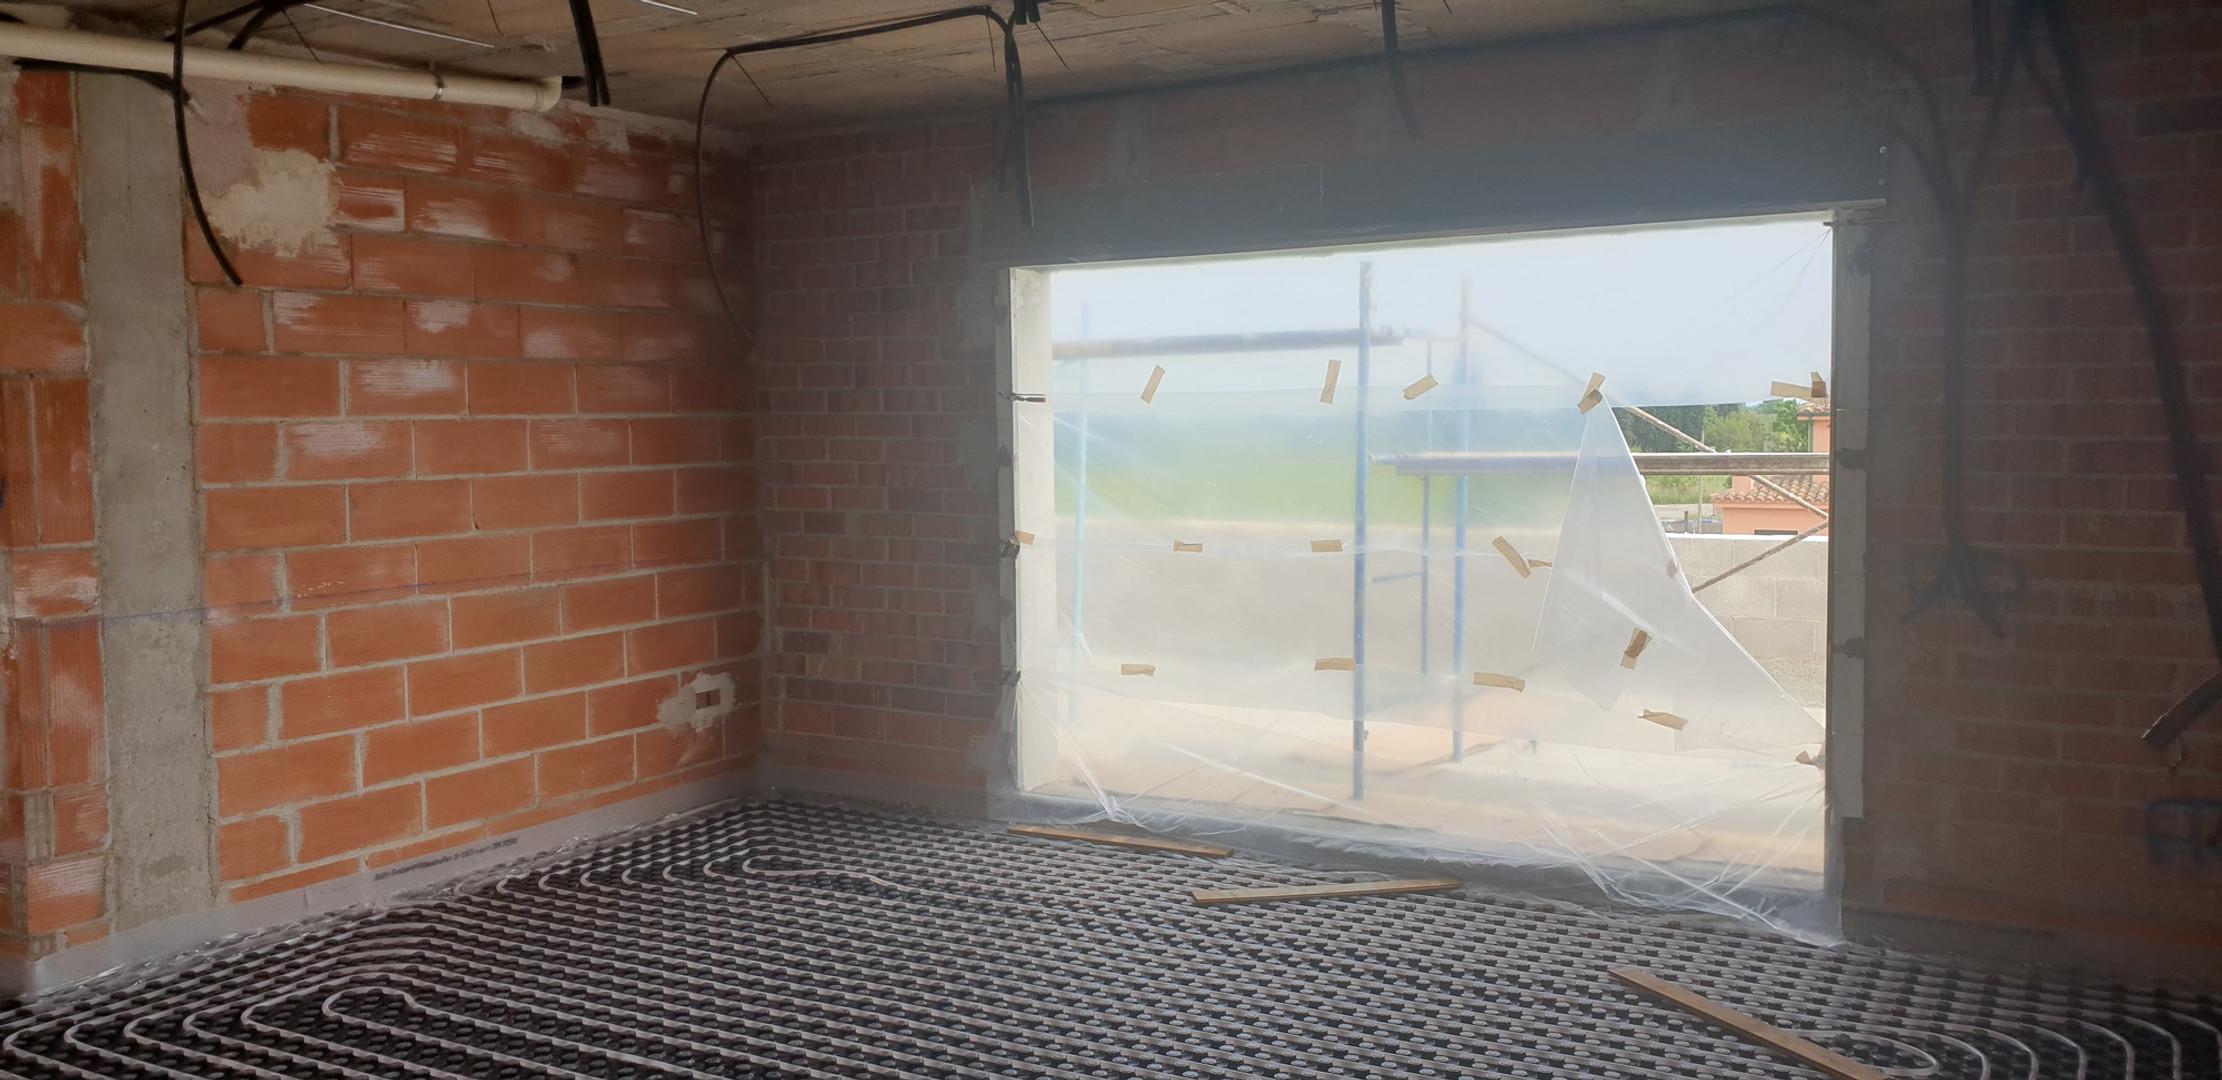 Instal·lació terra radiant